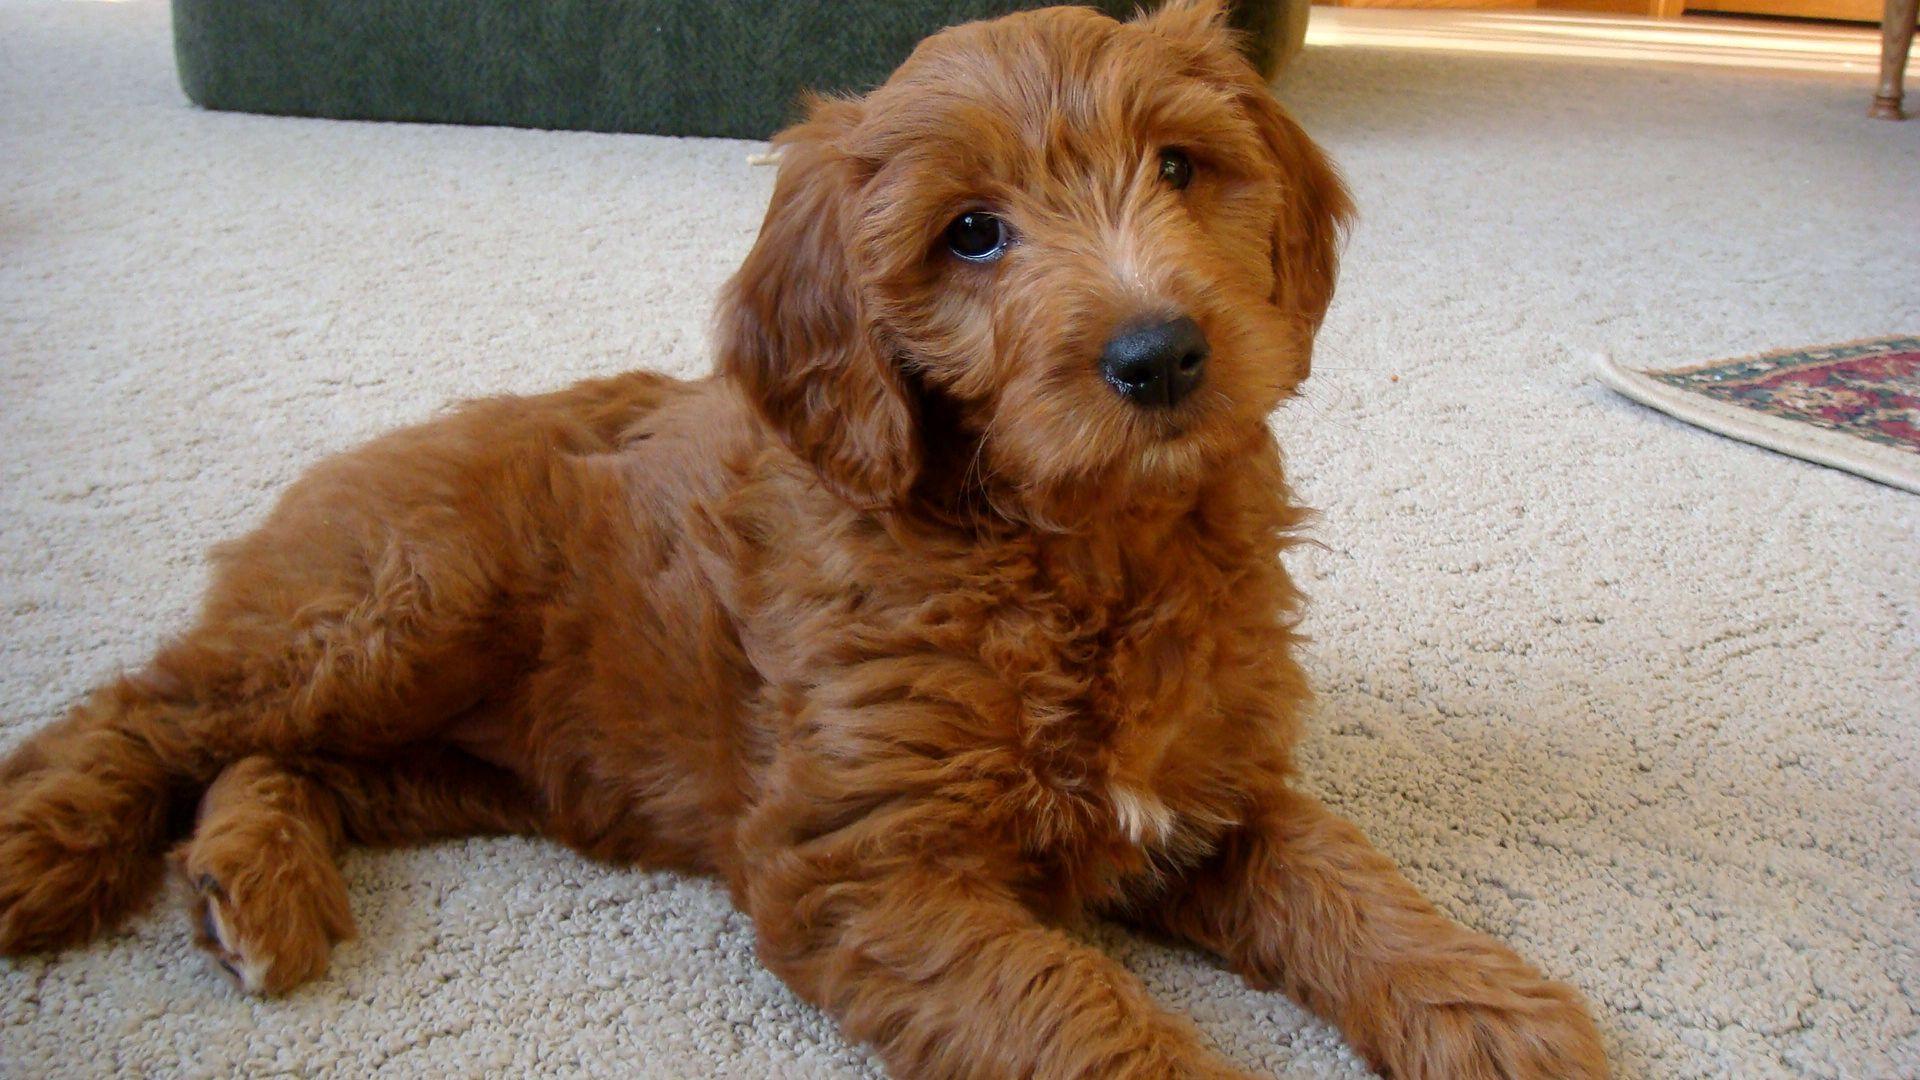 Goldendoodle Doodle Dog Breeds Golden Doodle Dog Golden Retriever Poodle Mix